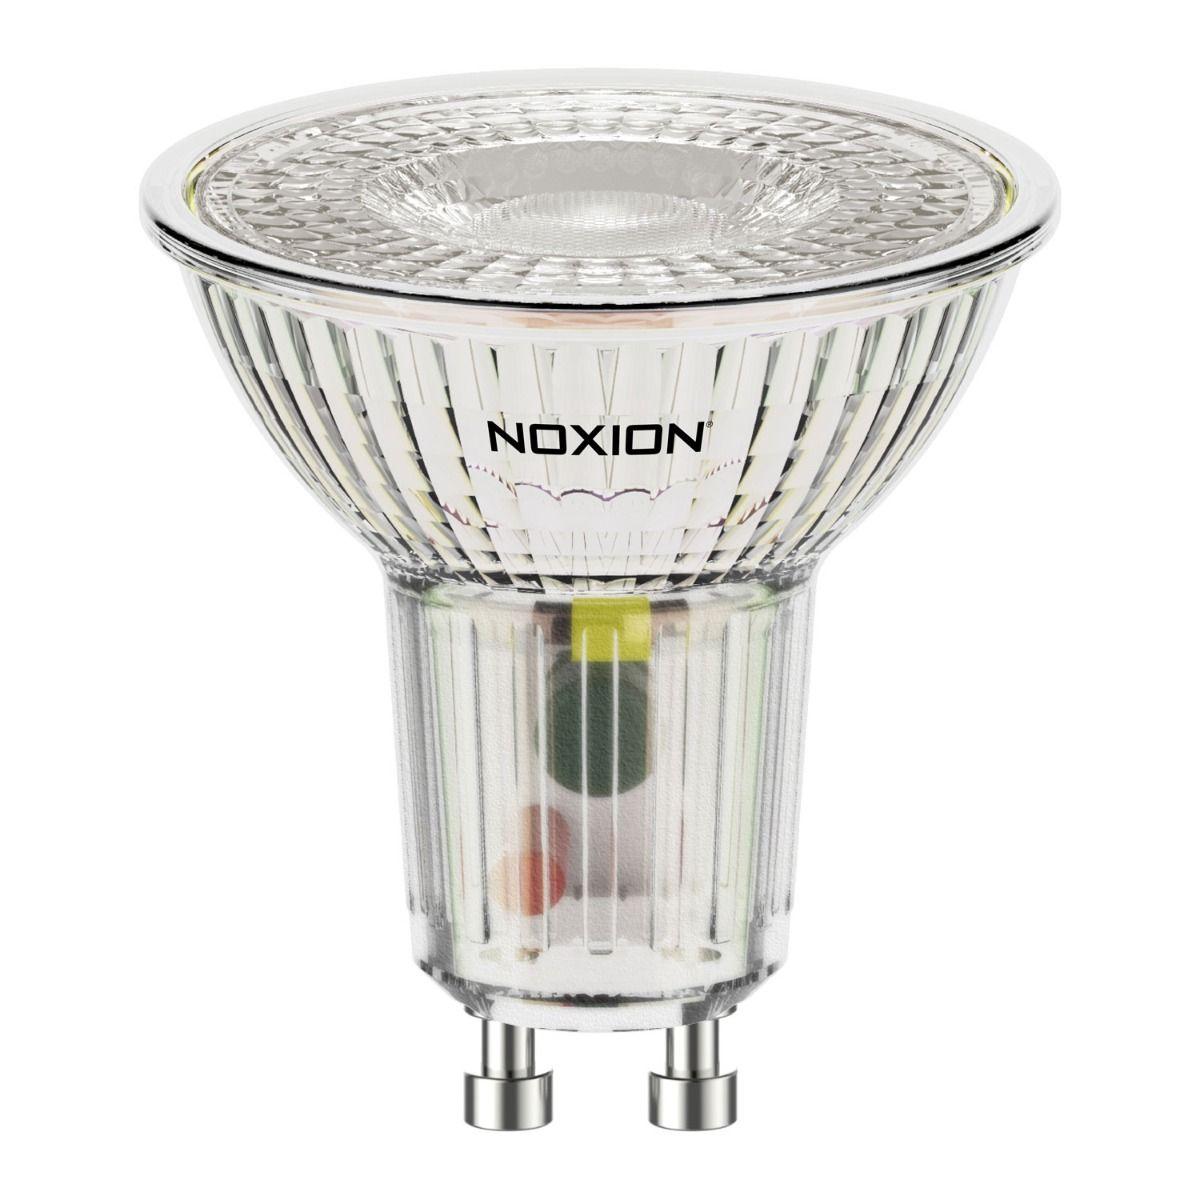 Noxion LED Kohdevalaisin GU10 3.7W 830 36D 260lm | Lämmin Valkoinen - Korvaa 35W